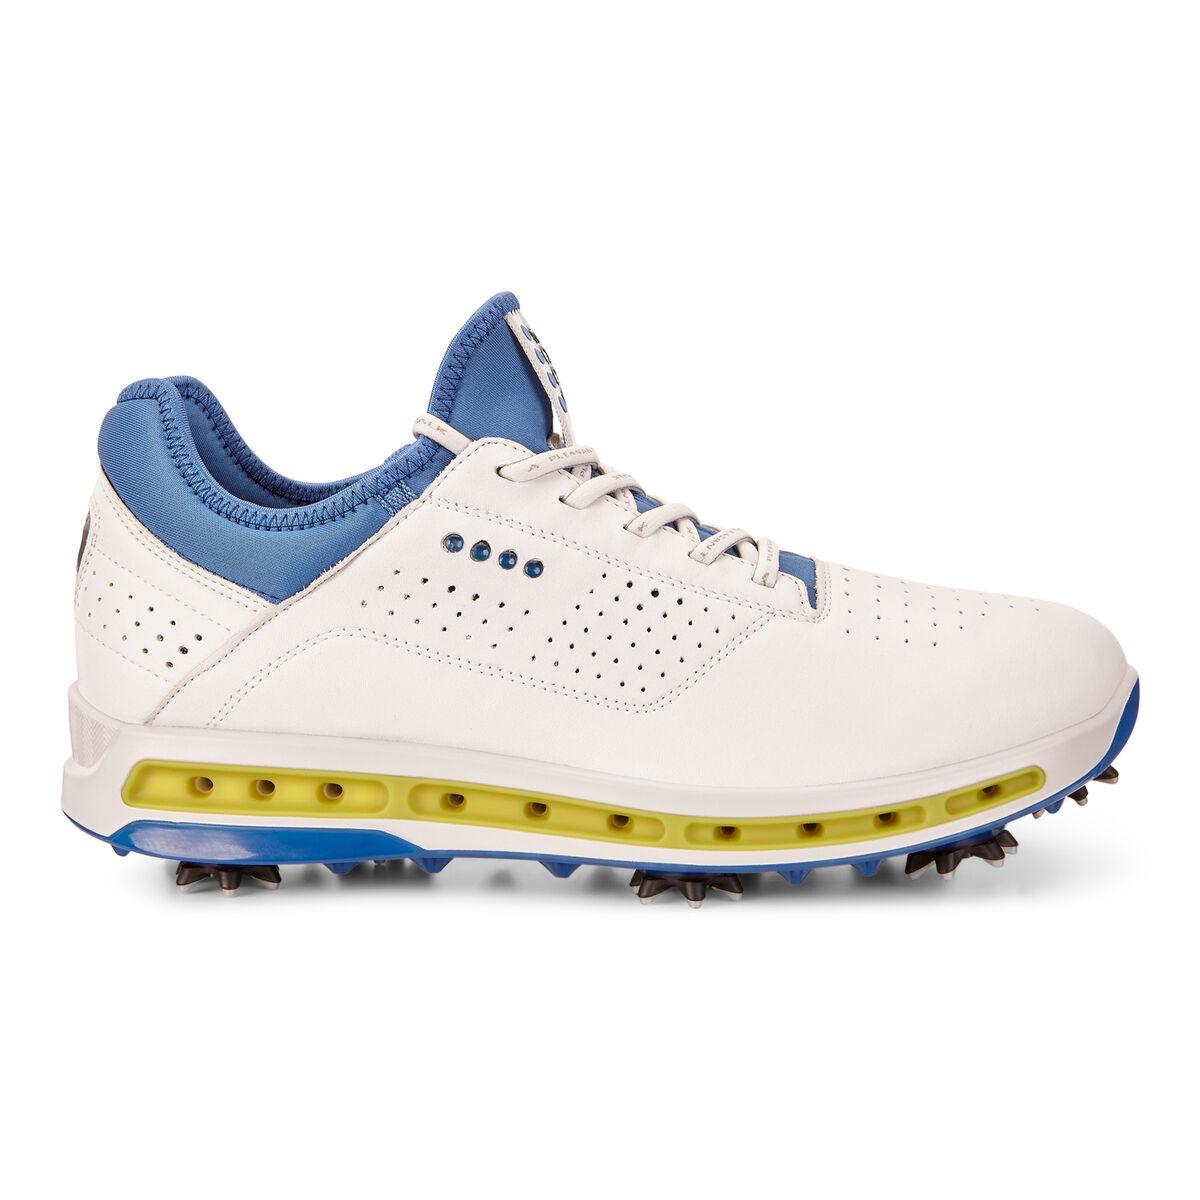 c58de223c8366 ECCO Cool 18 GTX Men's Golf Shoe - White/Blue | PGA TOUR Superstore